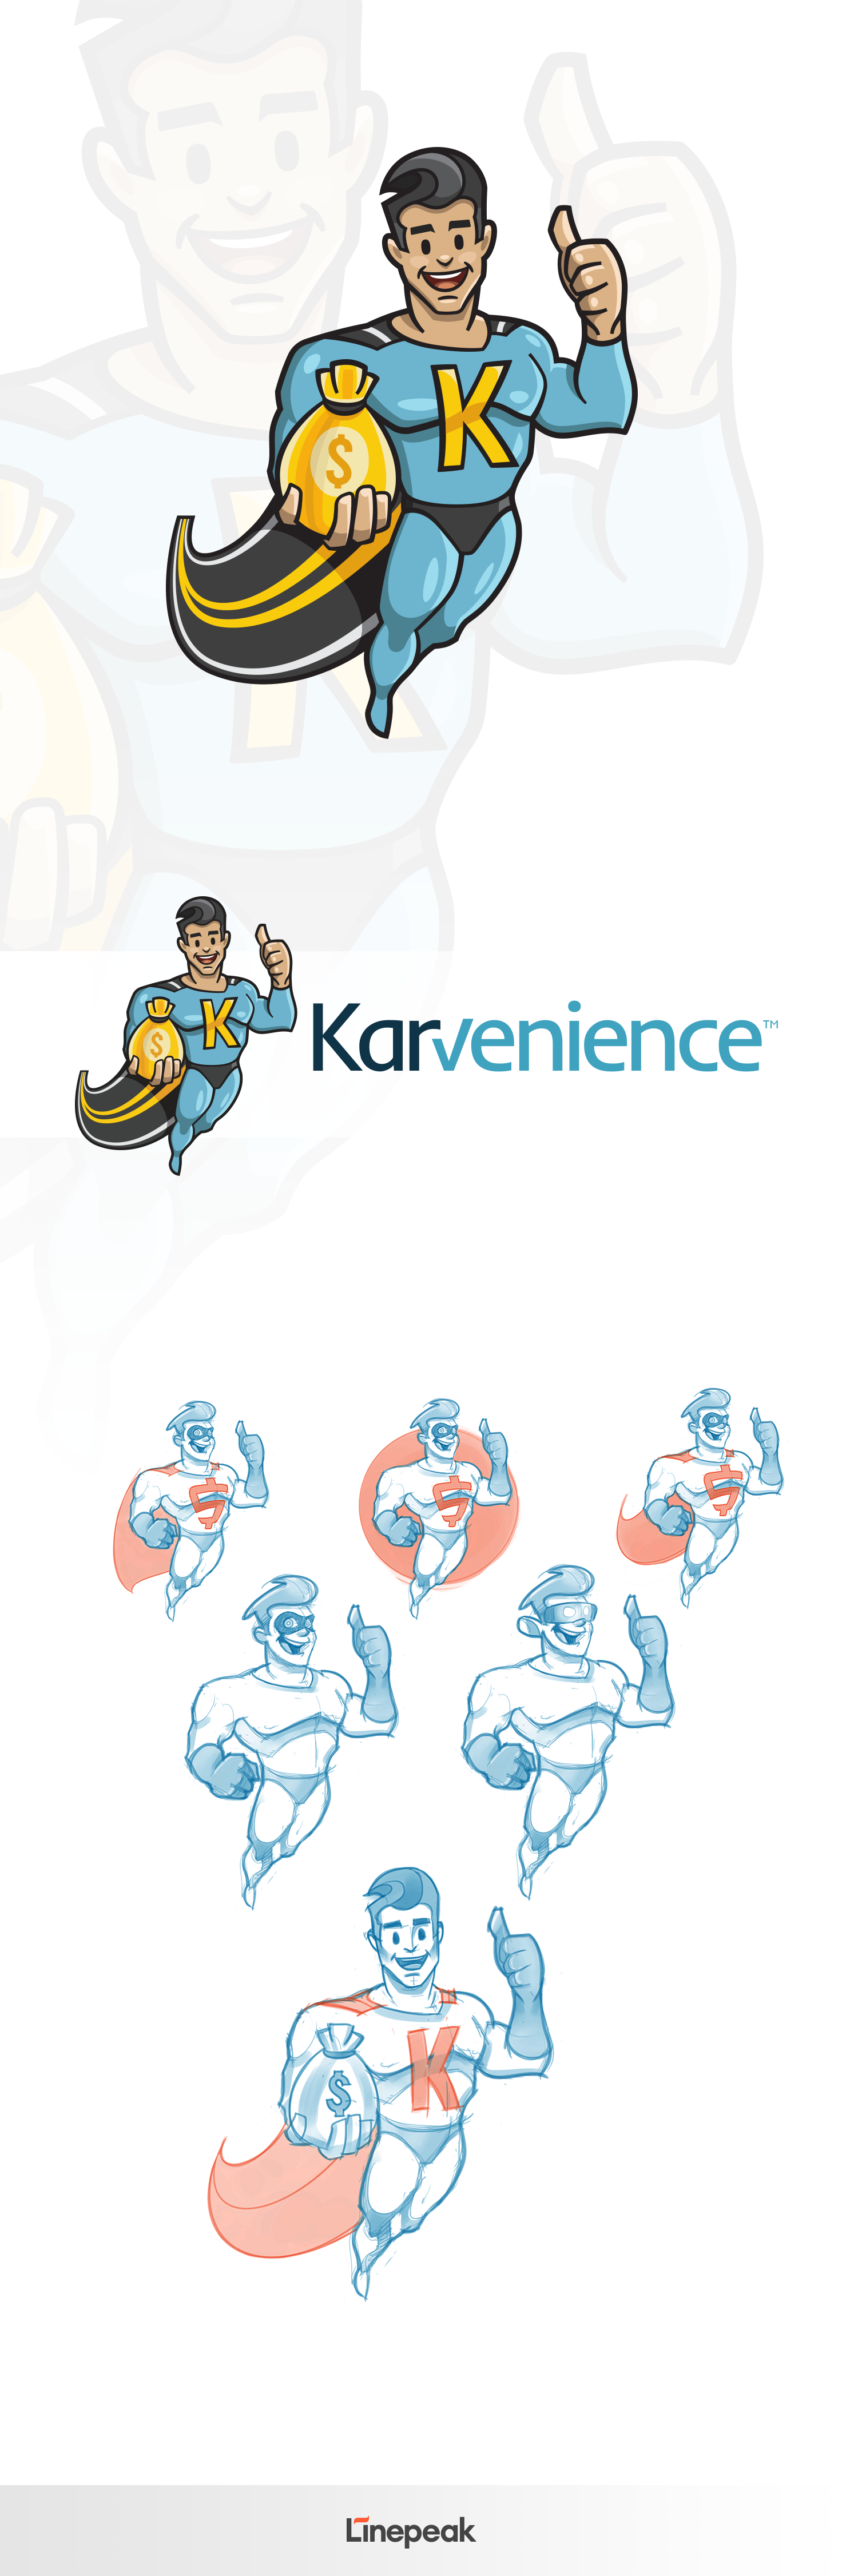 Logo design for Karvenience